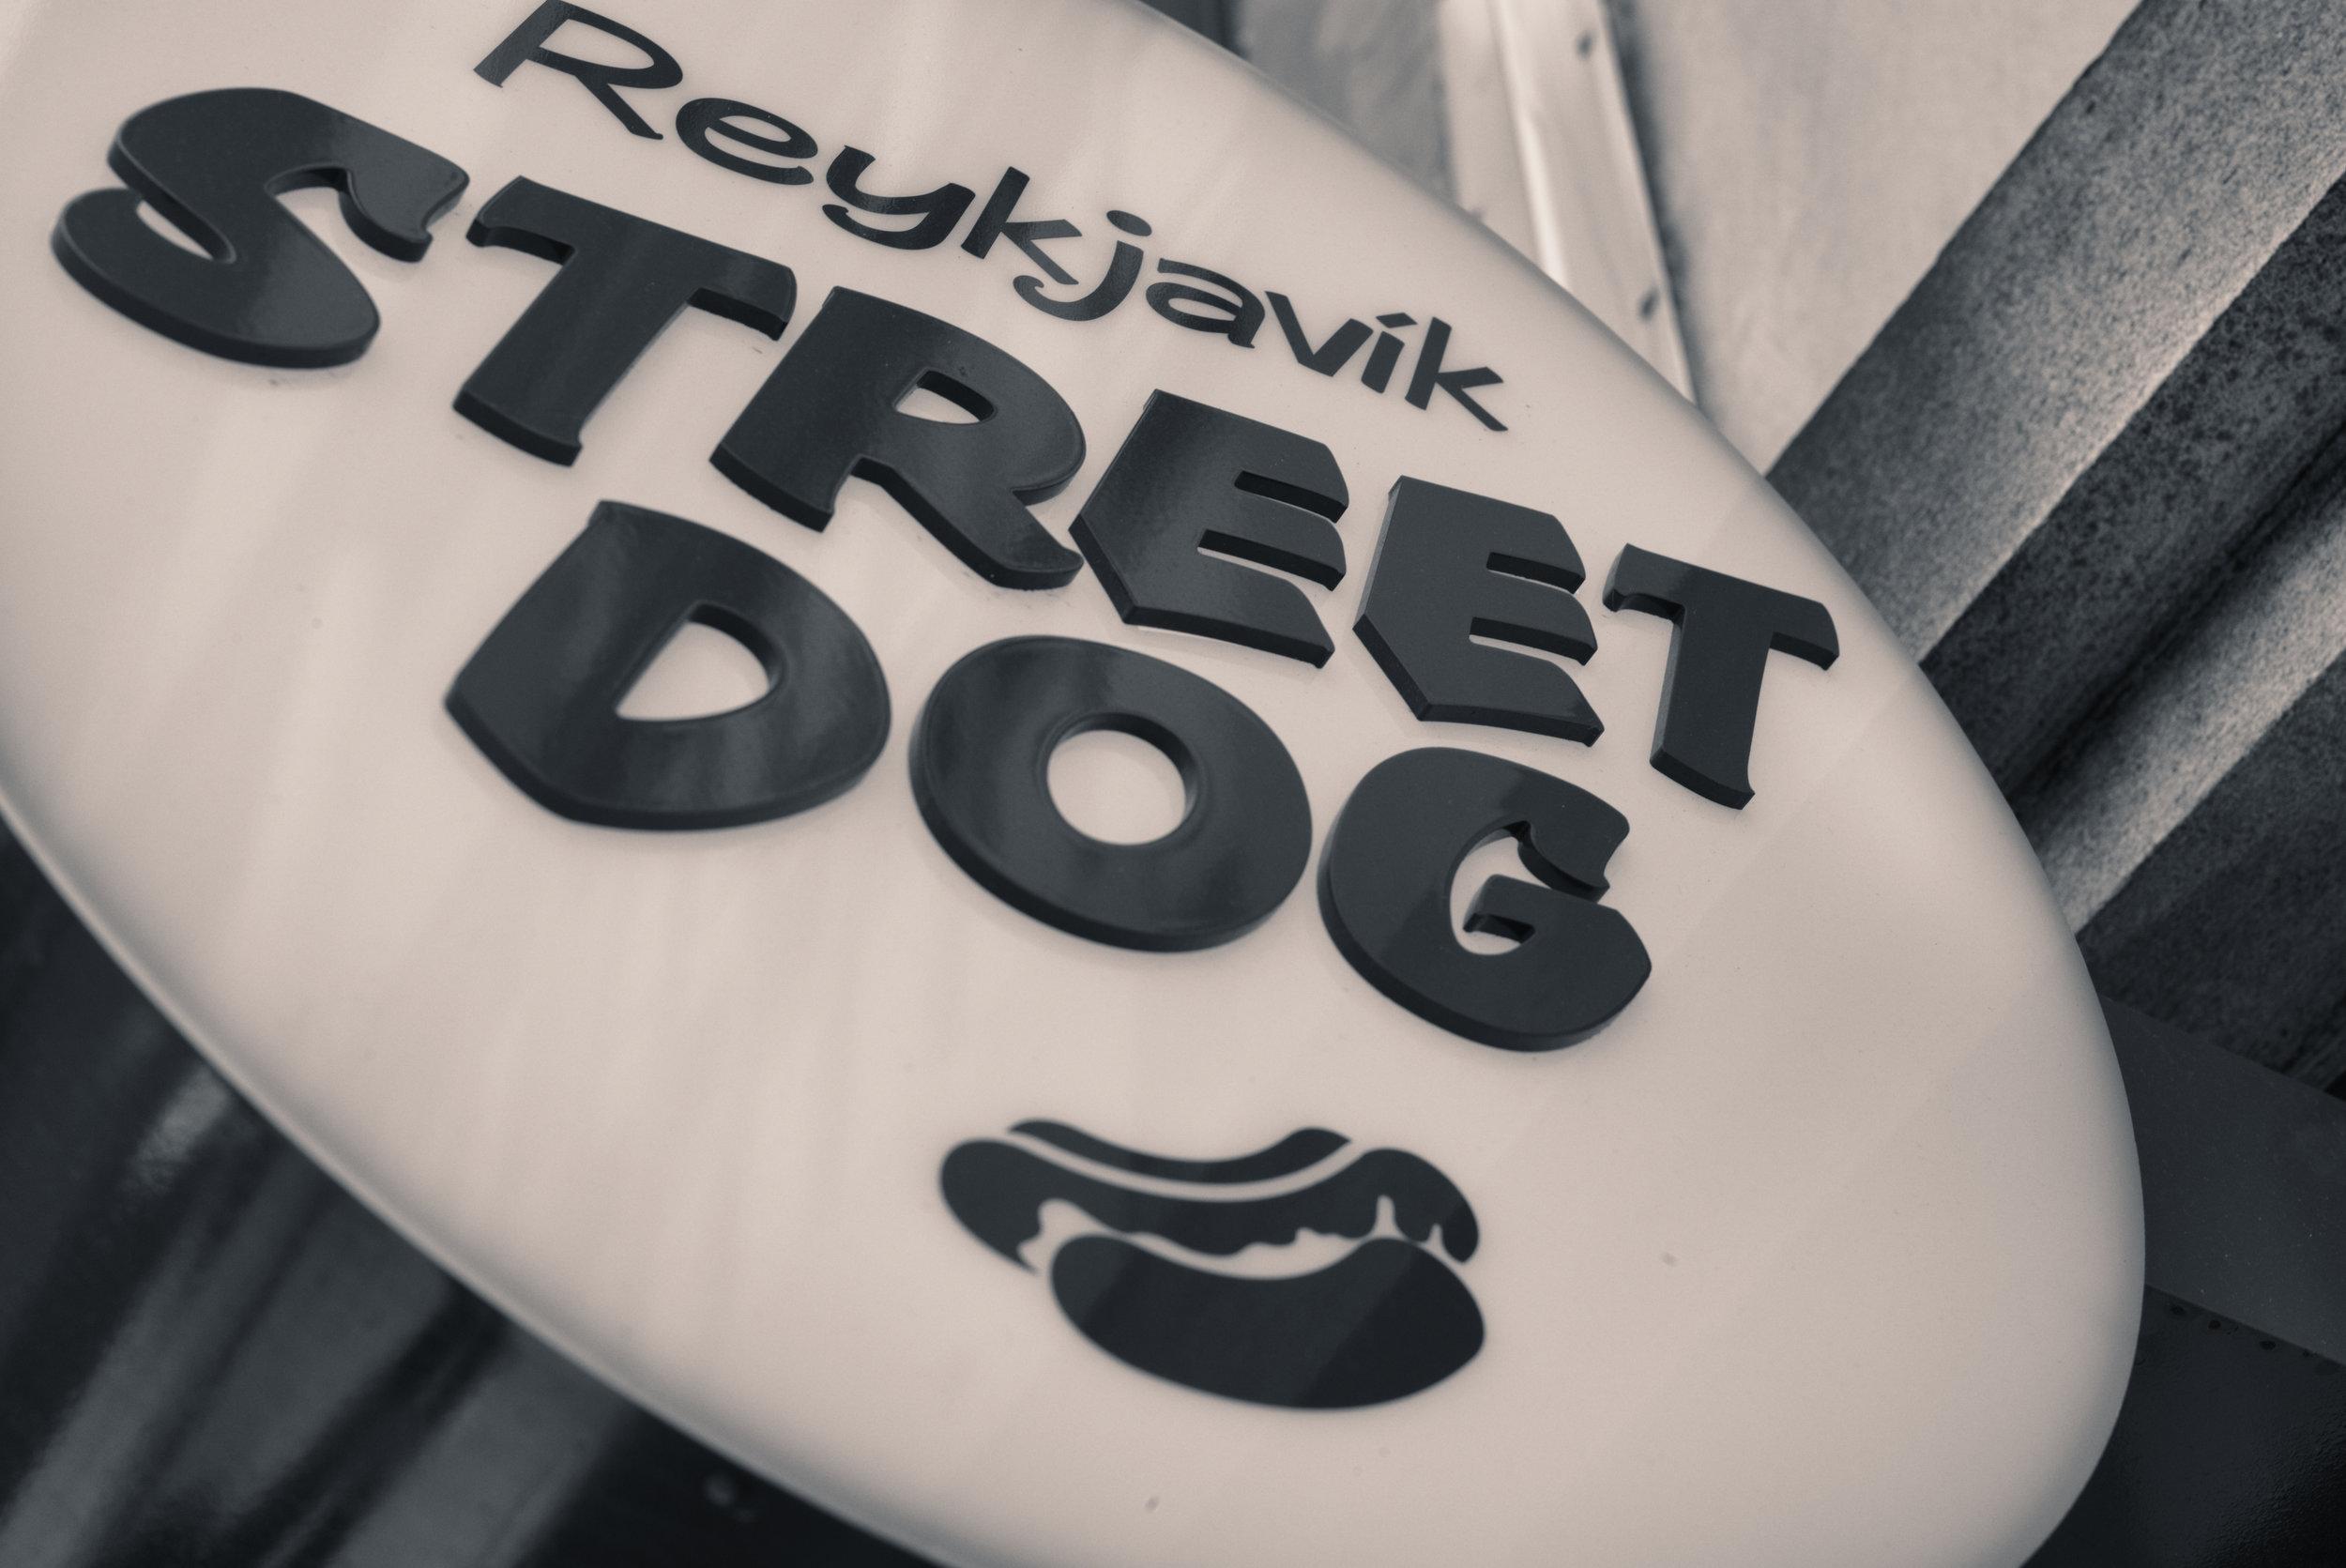 Street Dog Reykjavík, Iceland Leica MM (Typ 246) 50mm f/2.0 APO Summicron © Keith R. Sbiral, 2018